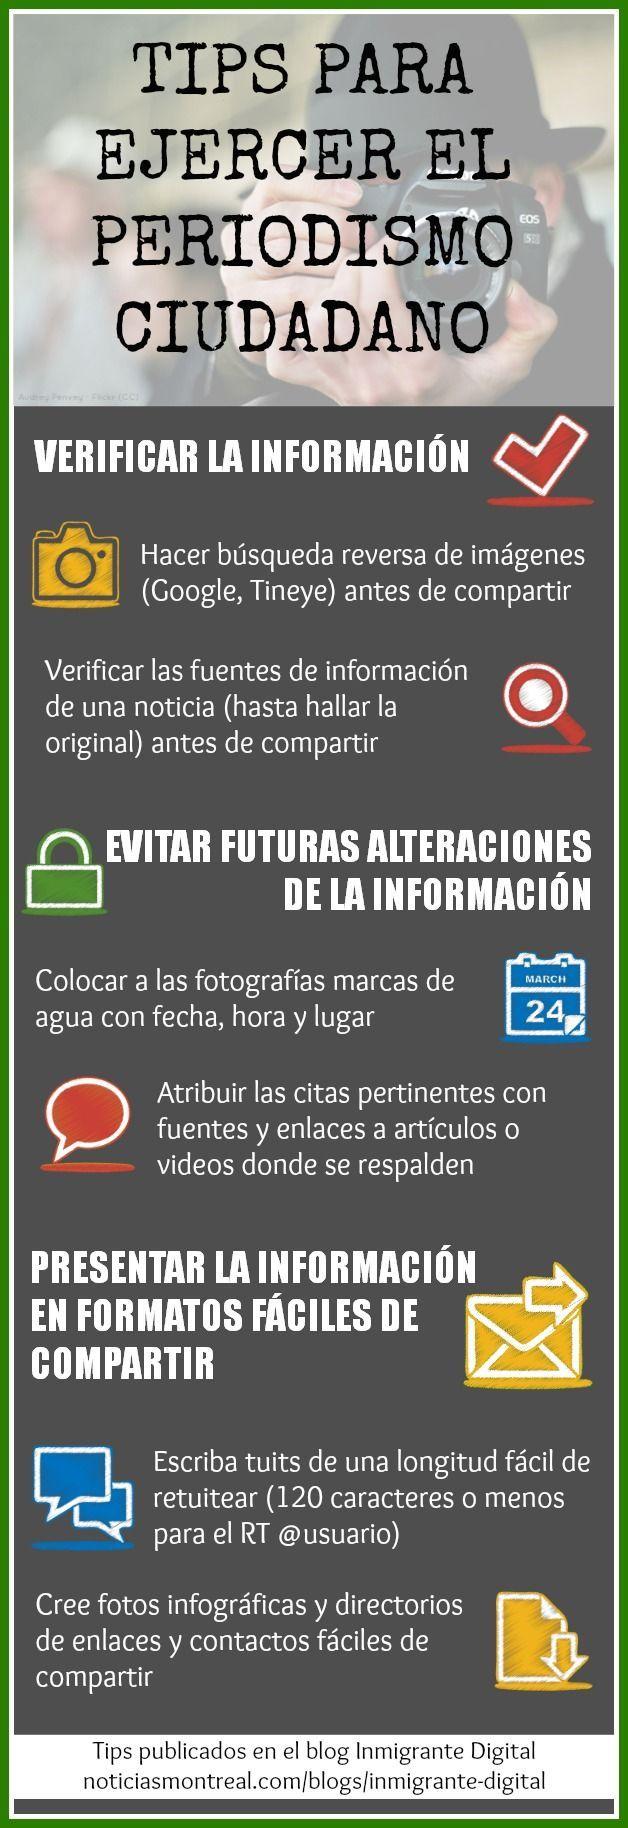 Consejos para ejercer el periodismo ciudadano Publicado en: http://noticiasmontreal.com/blogs/inmigrante-digital/ #infografia #infographic